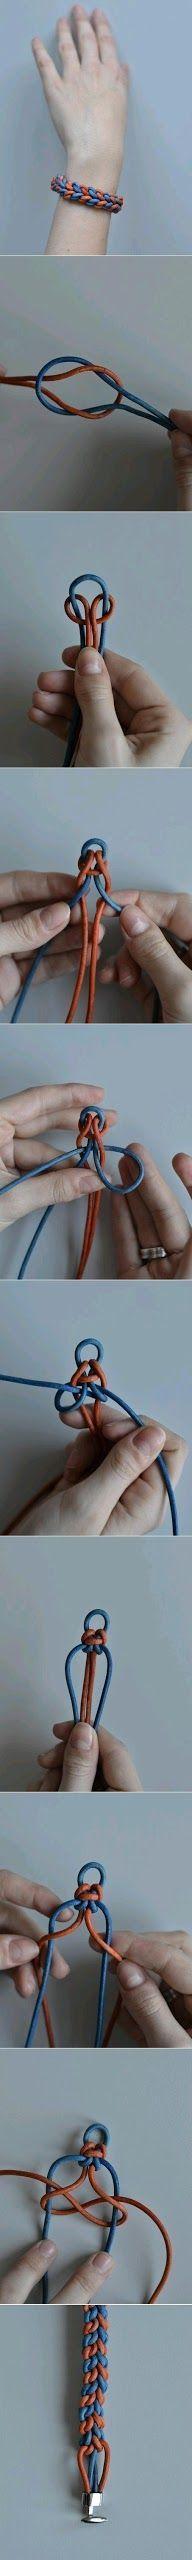 Tendance Bracelets  En remplacent les couleurs ce bracelet peut être très jolie